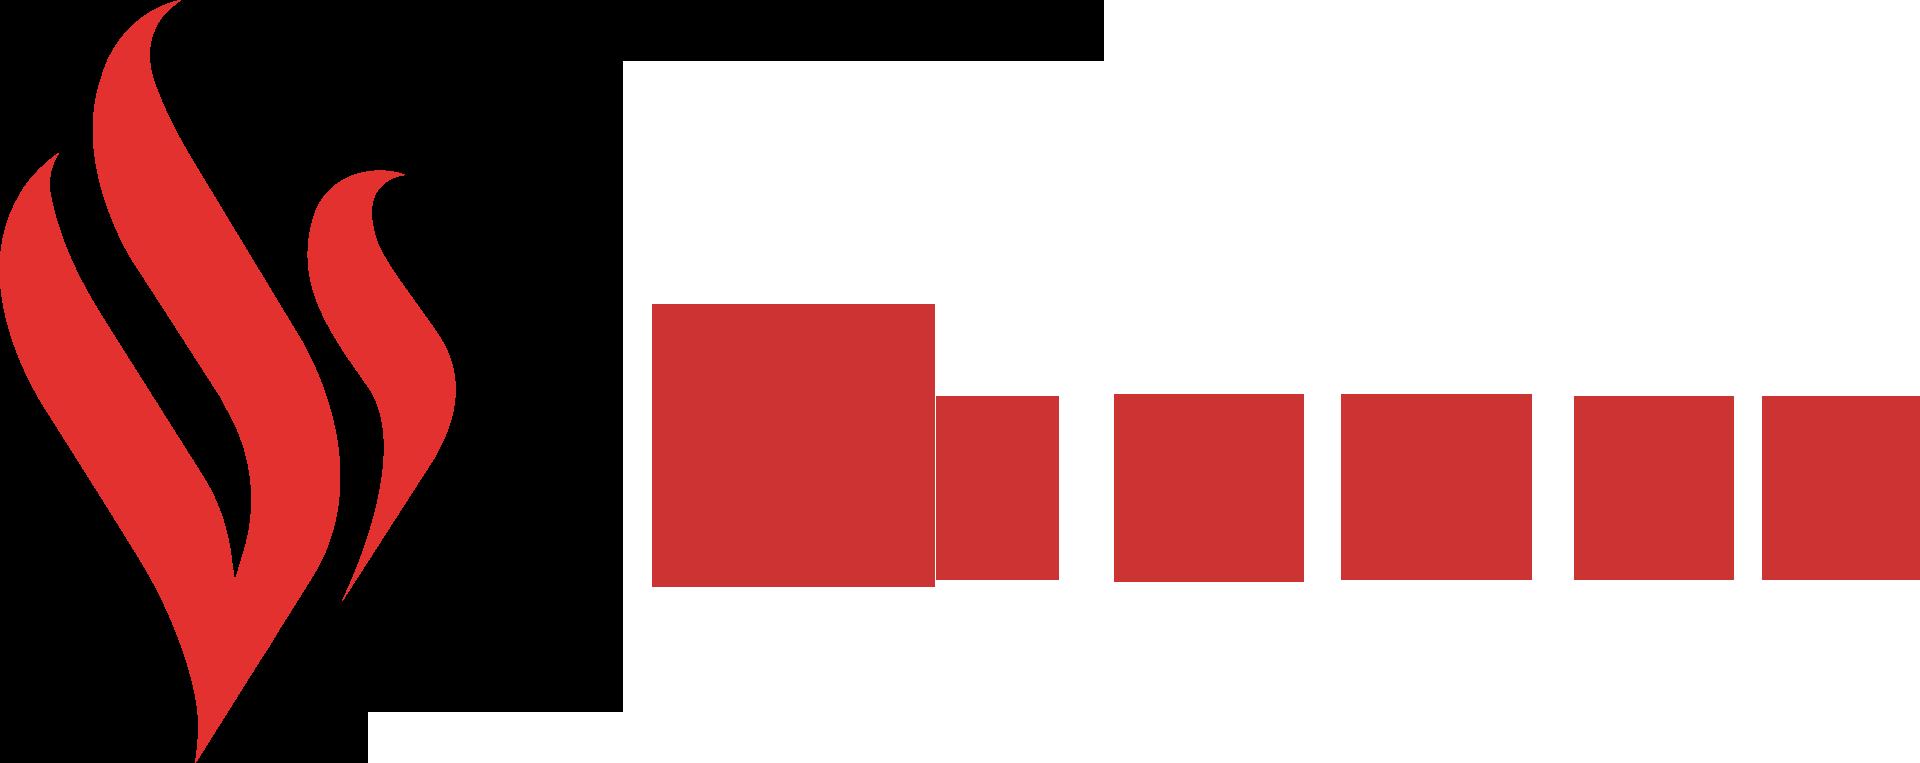 logo vsmart png